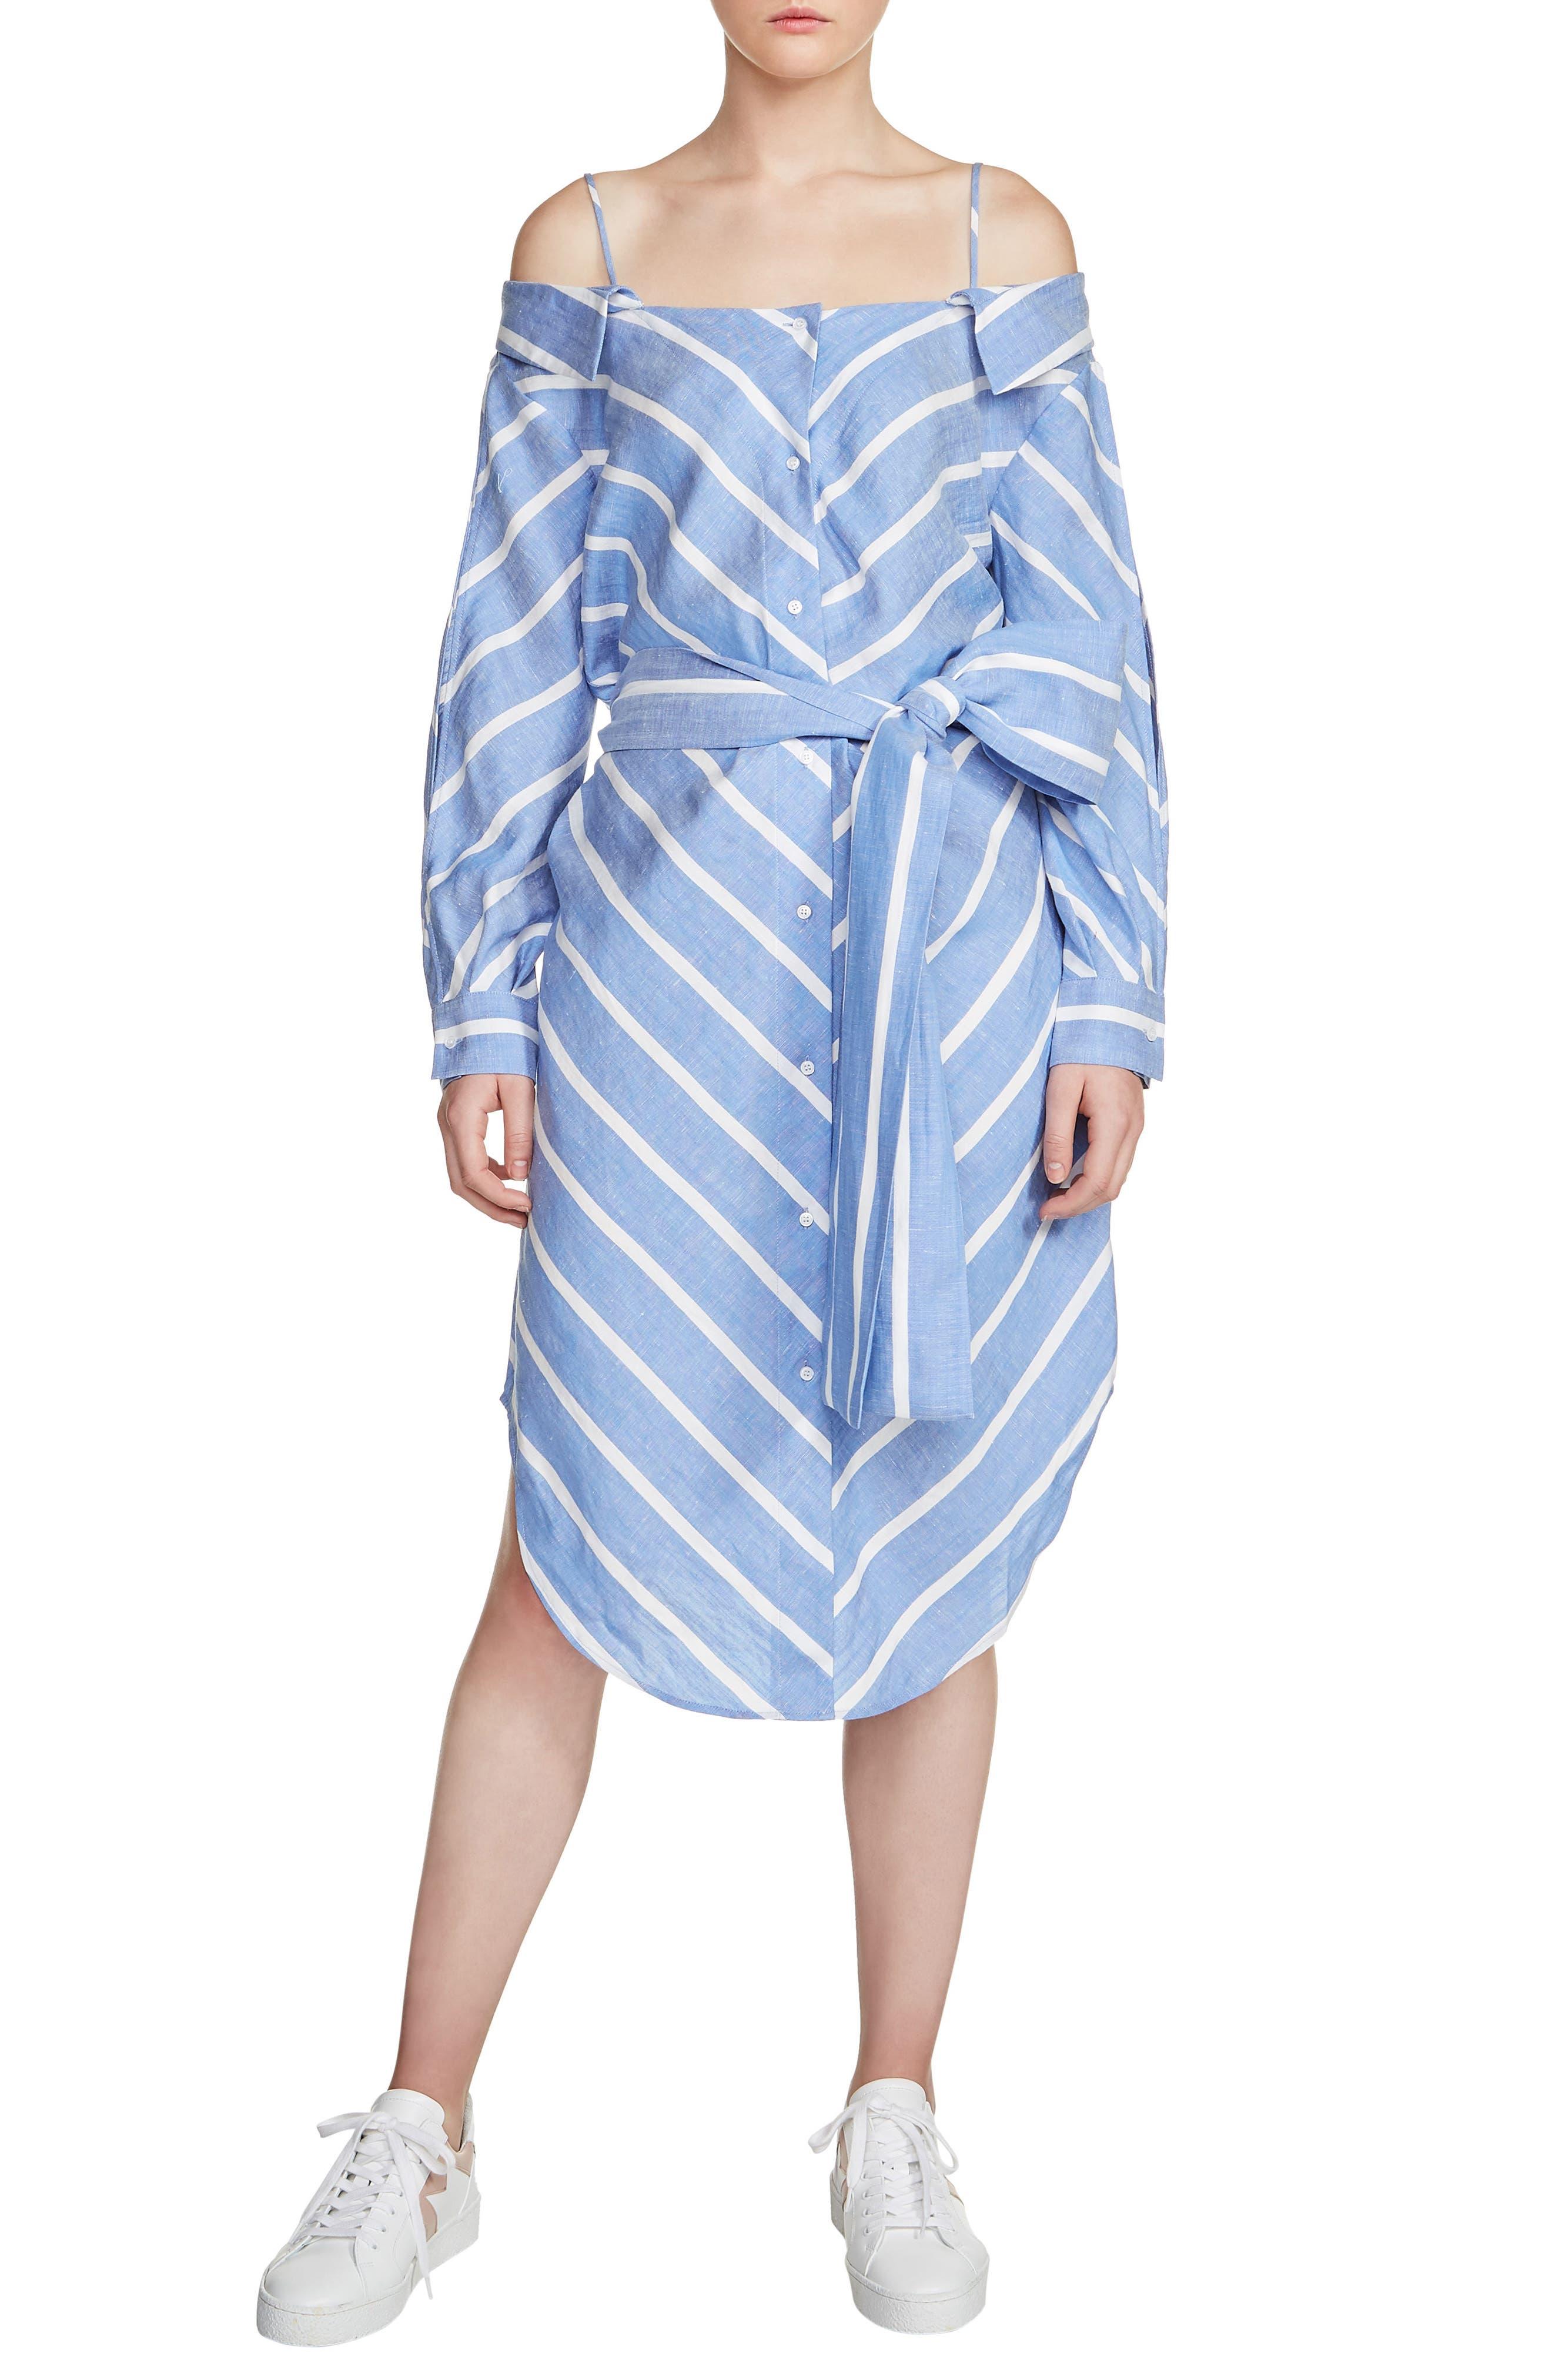 Rulylle Cold Shoulder Shirtdress,                         Main,                         color, Bleu